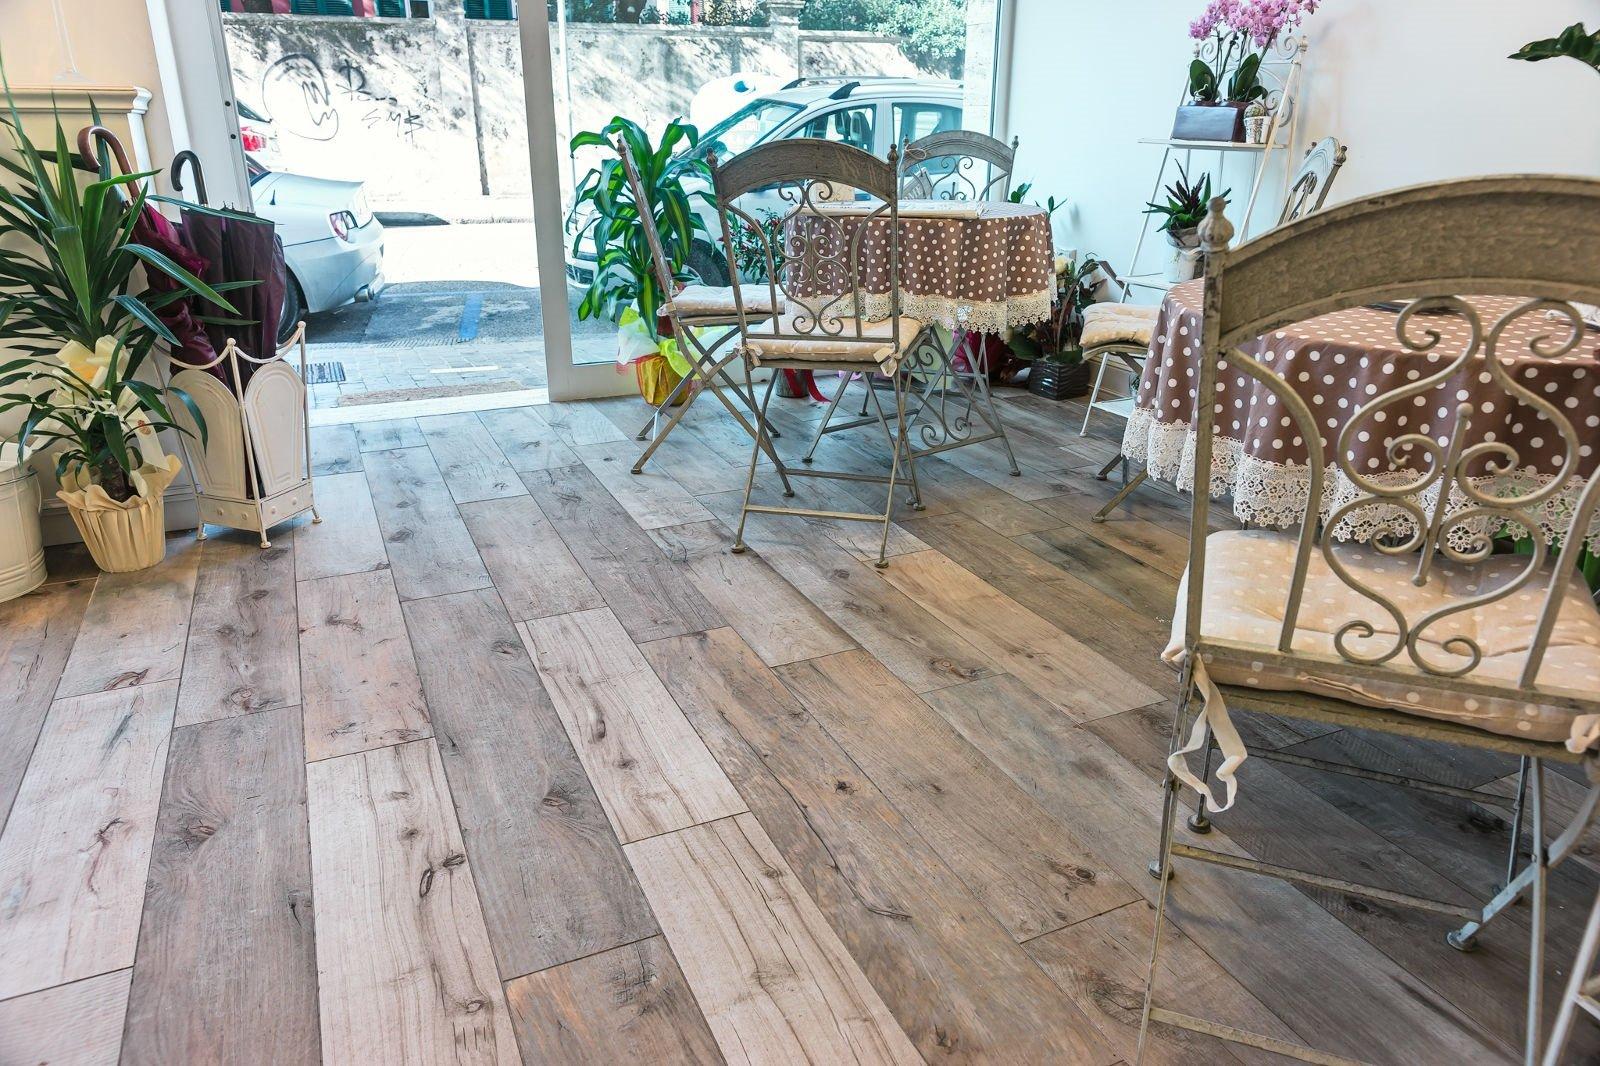 Piastrelle Effetto Legno Tortora : Pavimenti: gres effetto legno scontato cose di casa